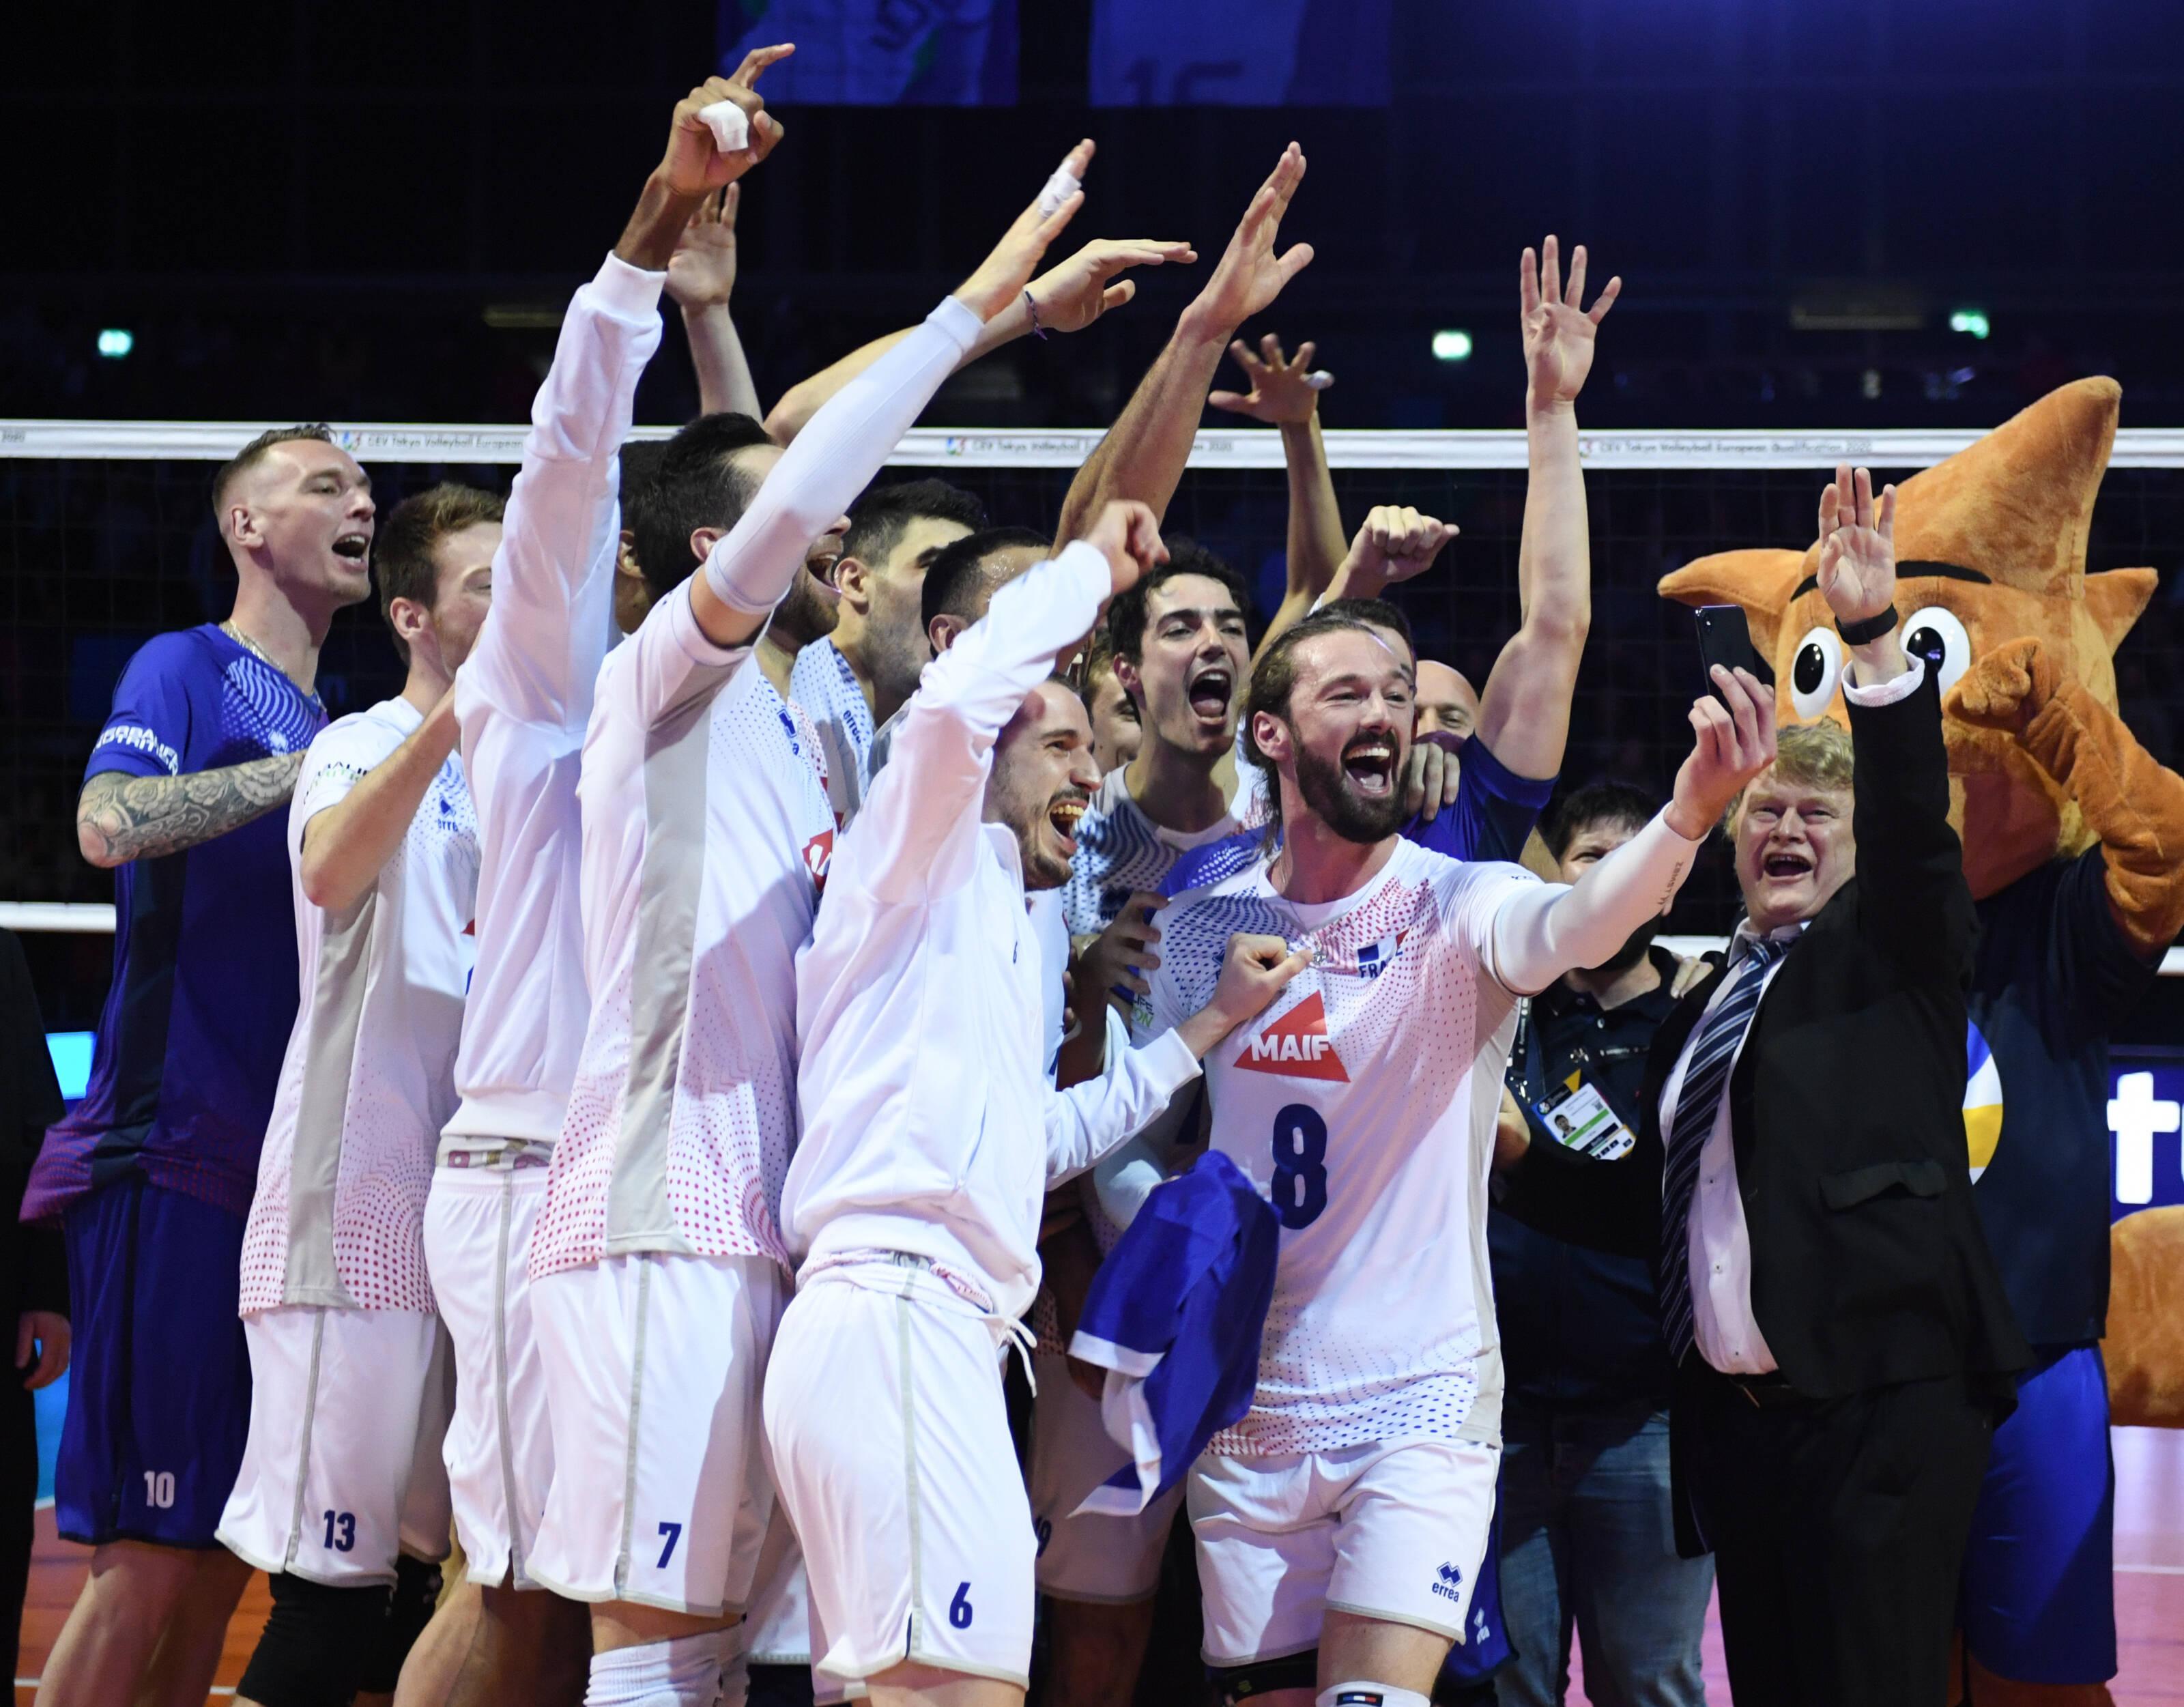 Volley - Equipe de France - «Guerriers», «miraculeux», «fantastique» : leur billet en poche pour Tokyo, les Bleus jubilent